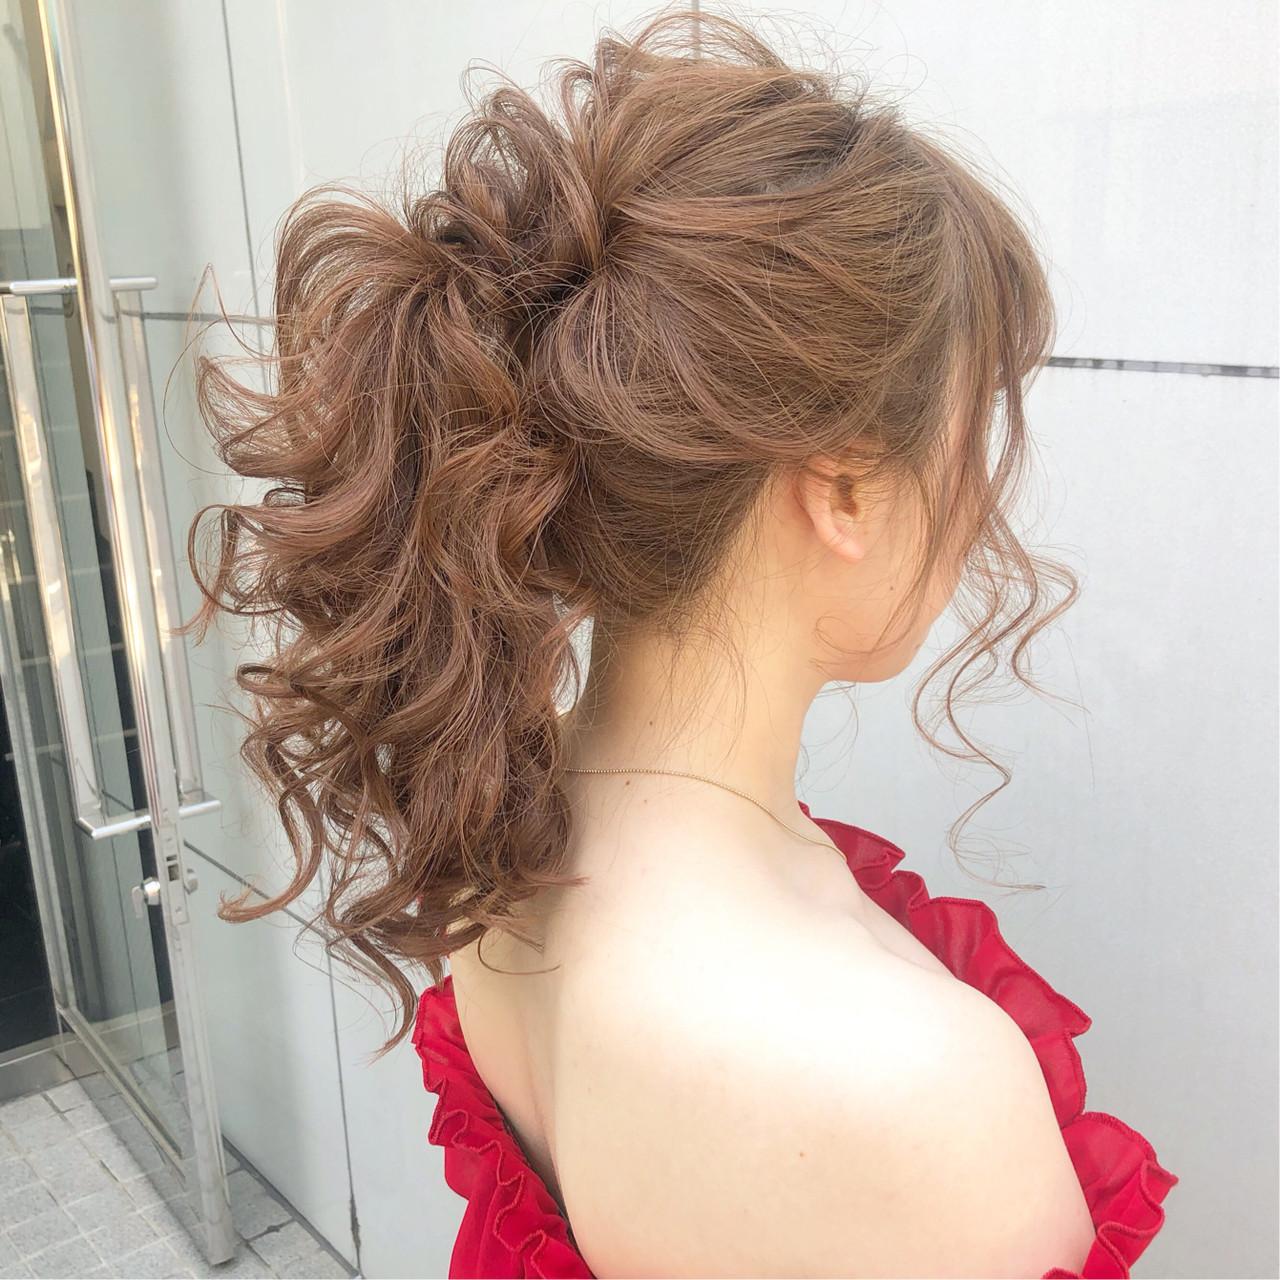 結婚式 ナチュラル セミロング ヘアアレンジ ヘアスタイルや髪型の写真・画像